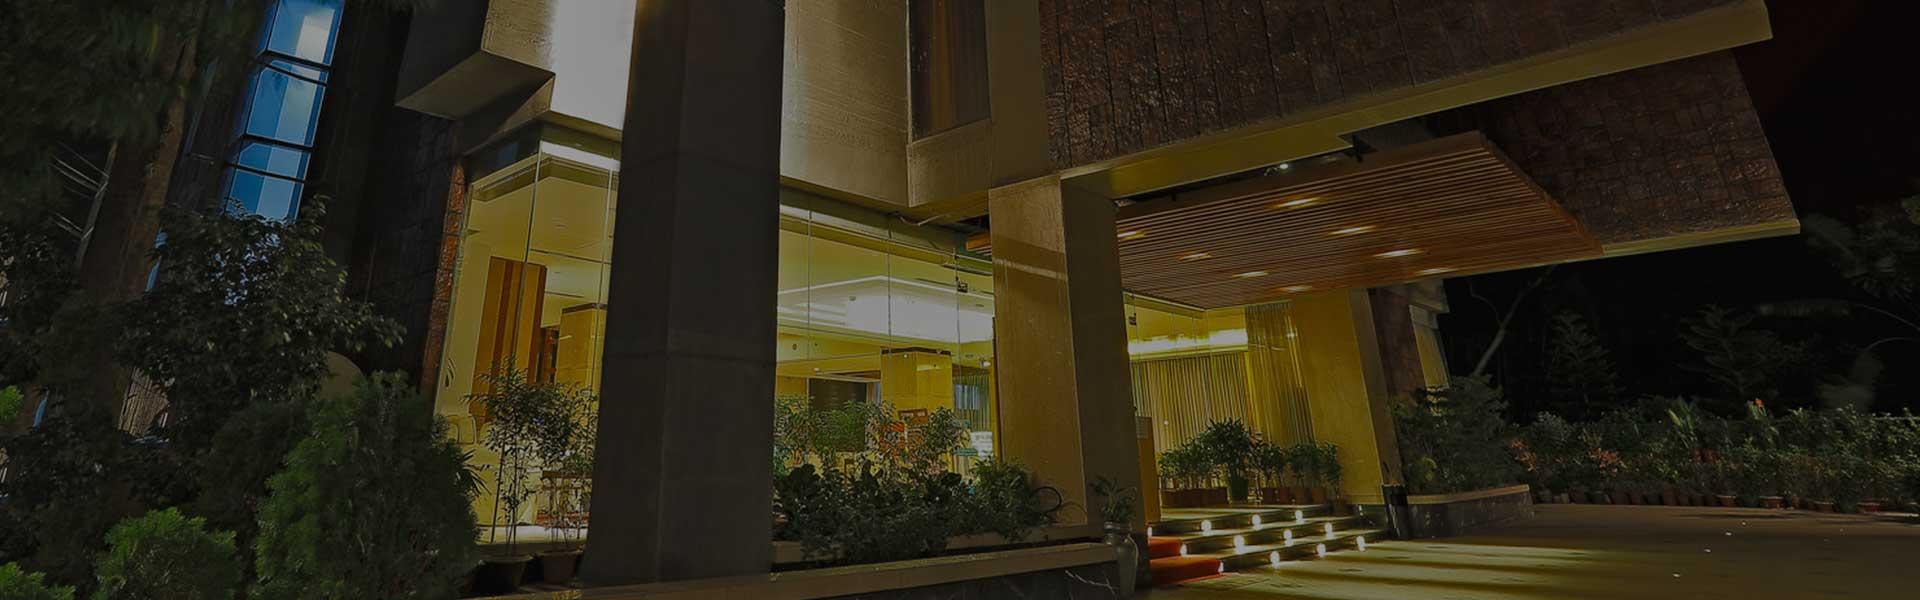 sixseasonshotel-banner